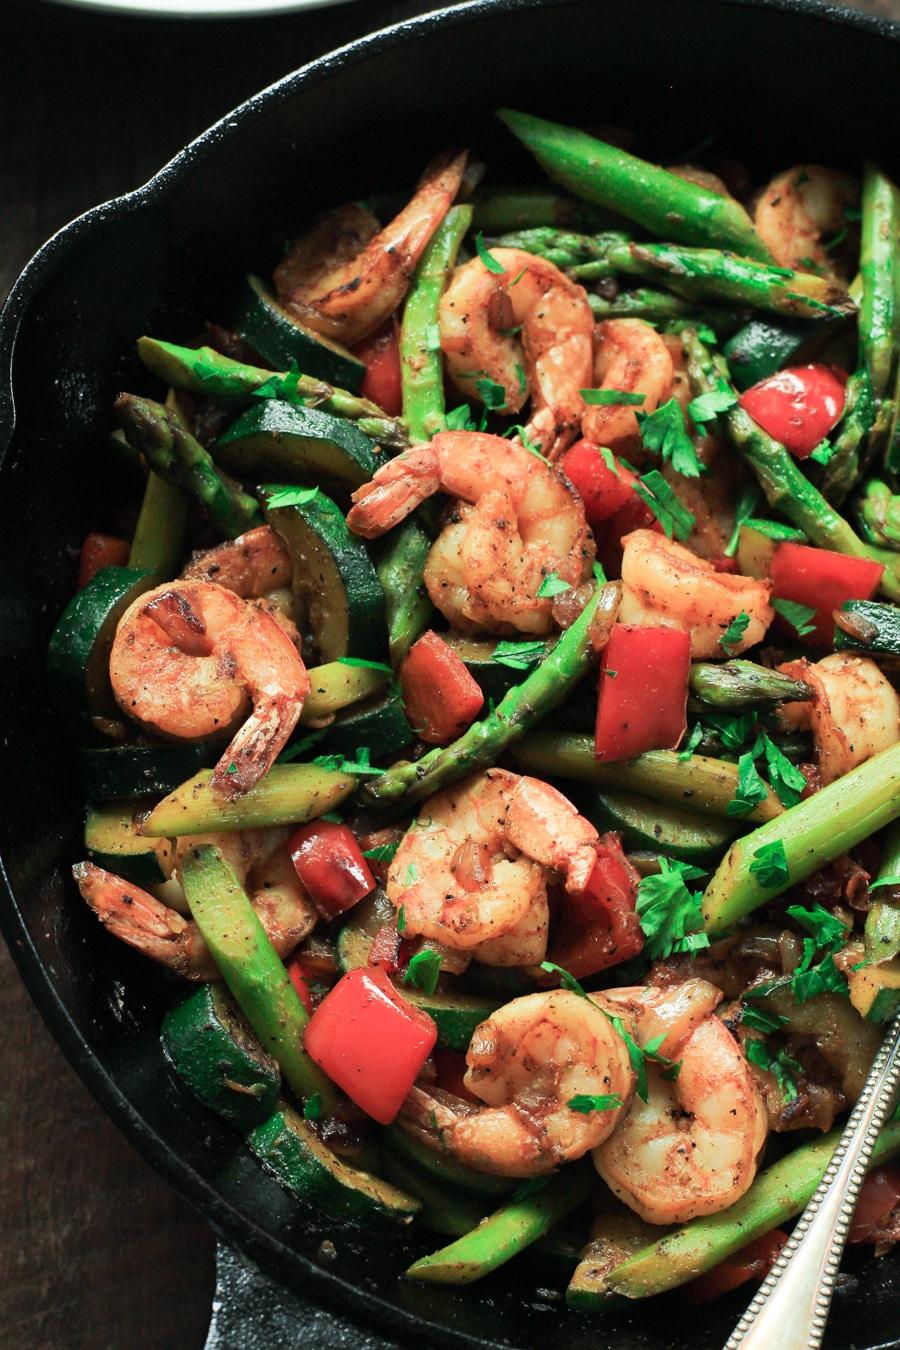 Shrimp vegetable skillet meal prep primavera kitchen shrimp vegetable skillet meal prep primavera kitchen recipe forumfinder Image collections